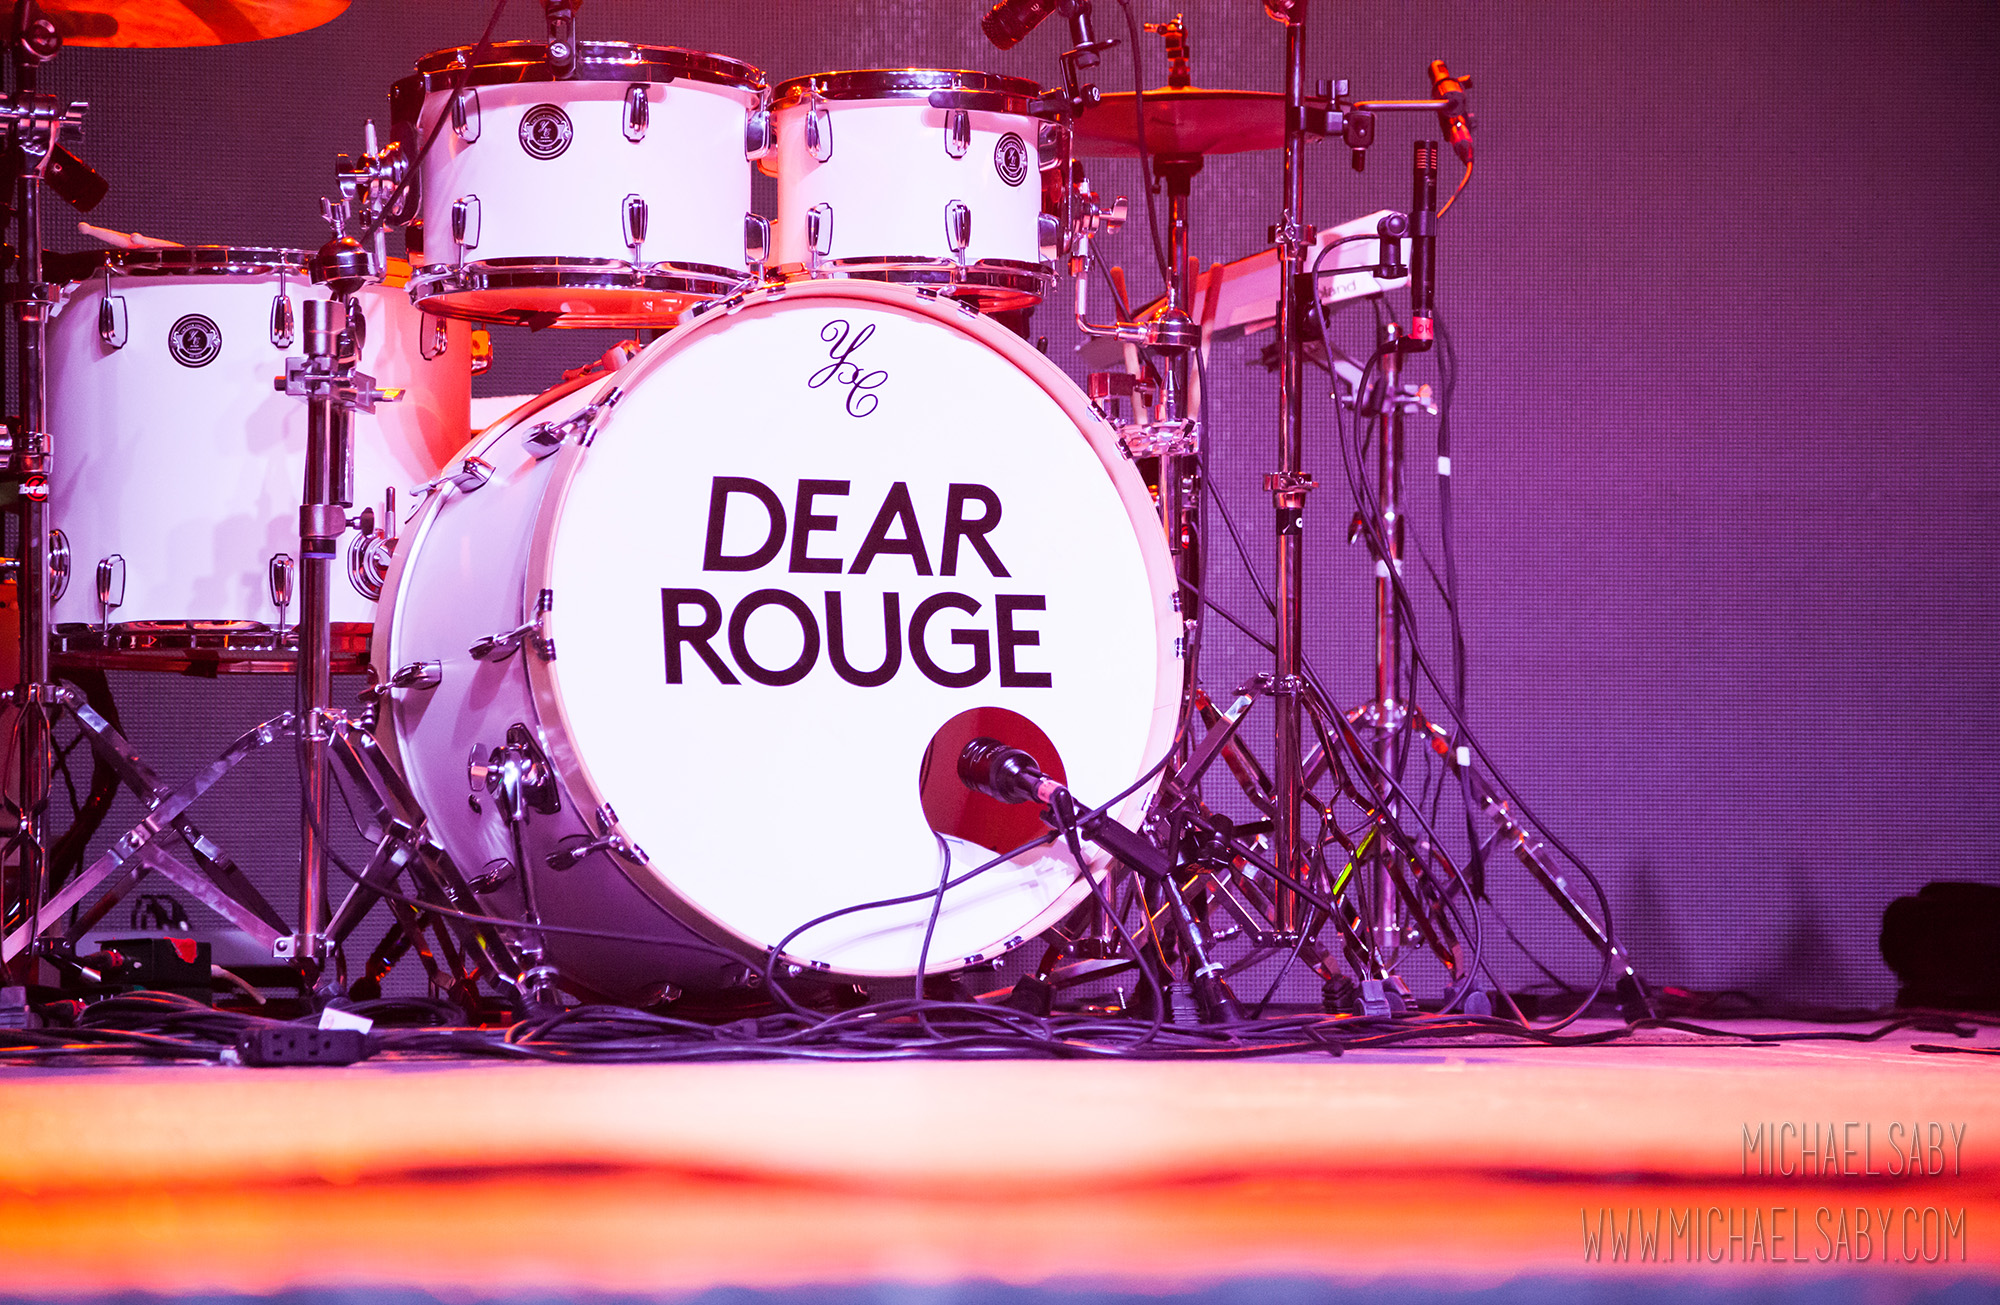 DearRouge3.jpg